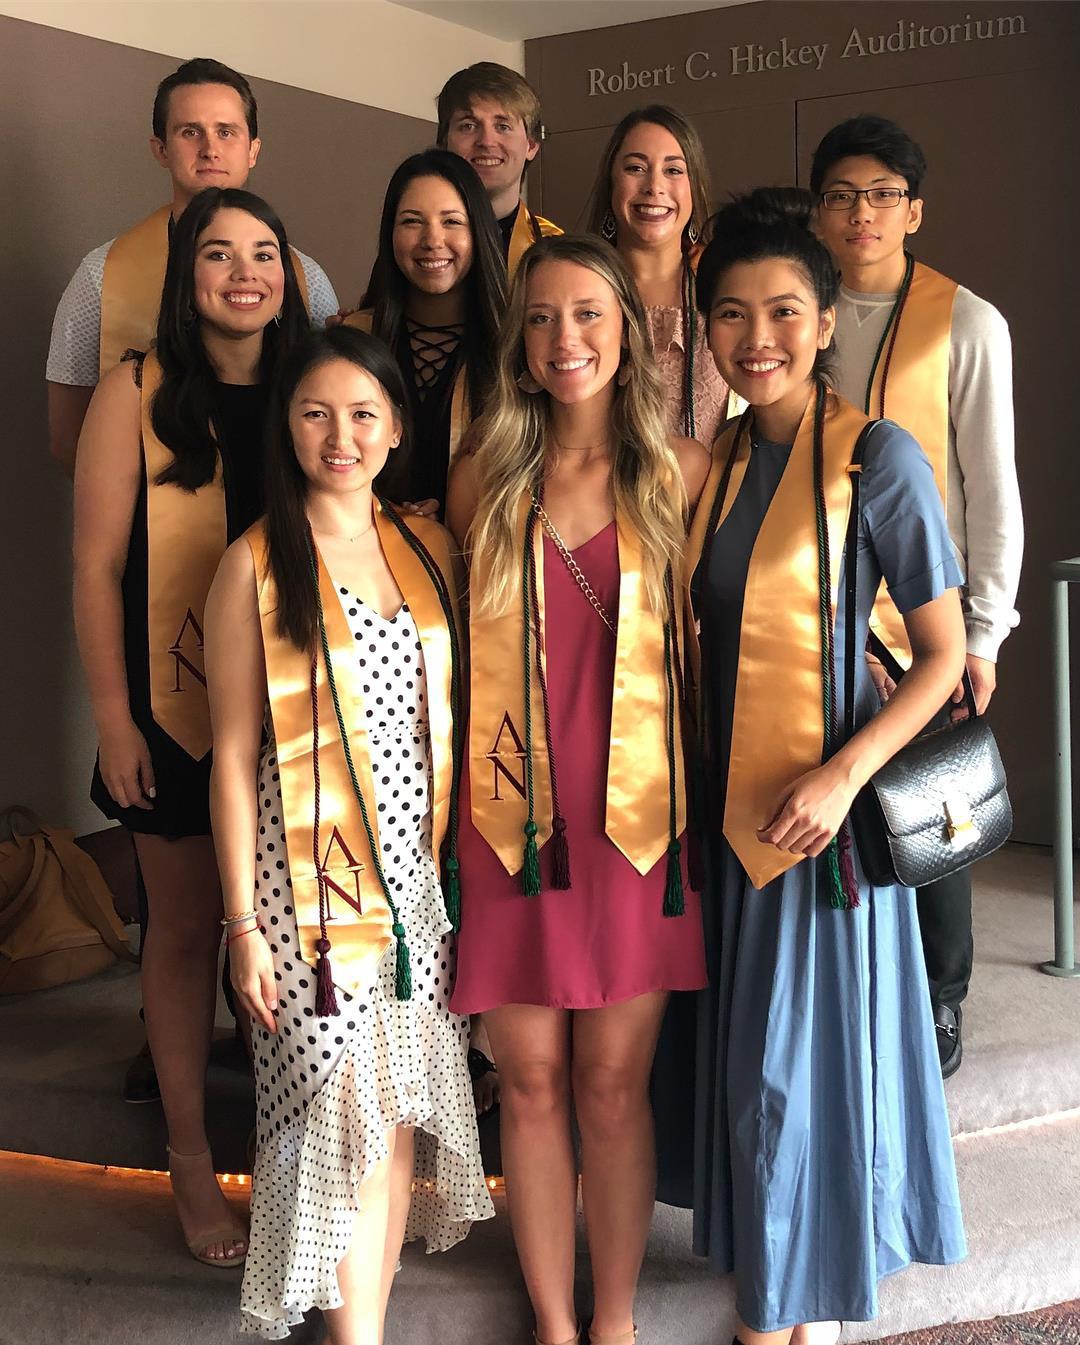 Tốt nghiệp ngành Y bằng Xuất sắc với GPA 4.0, hoa khôi du học sinh Việt được Viện ung thư hàng đầu thế giới giữ lại làm việc - Ảnh 3.